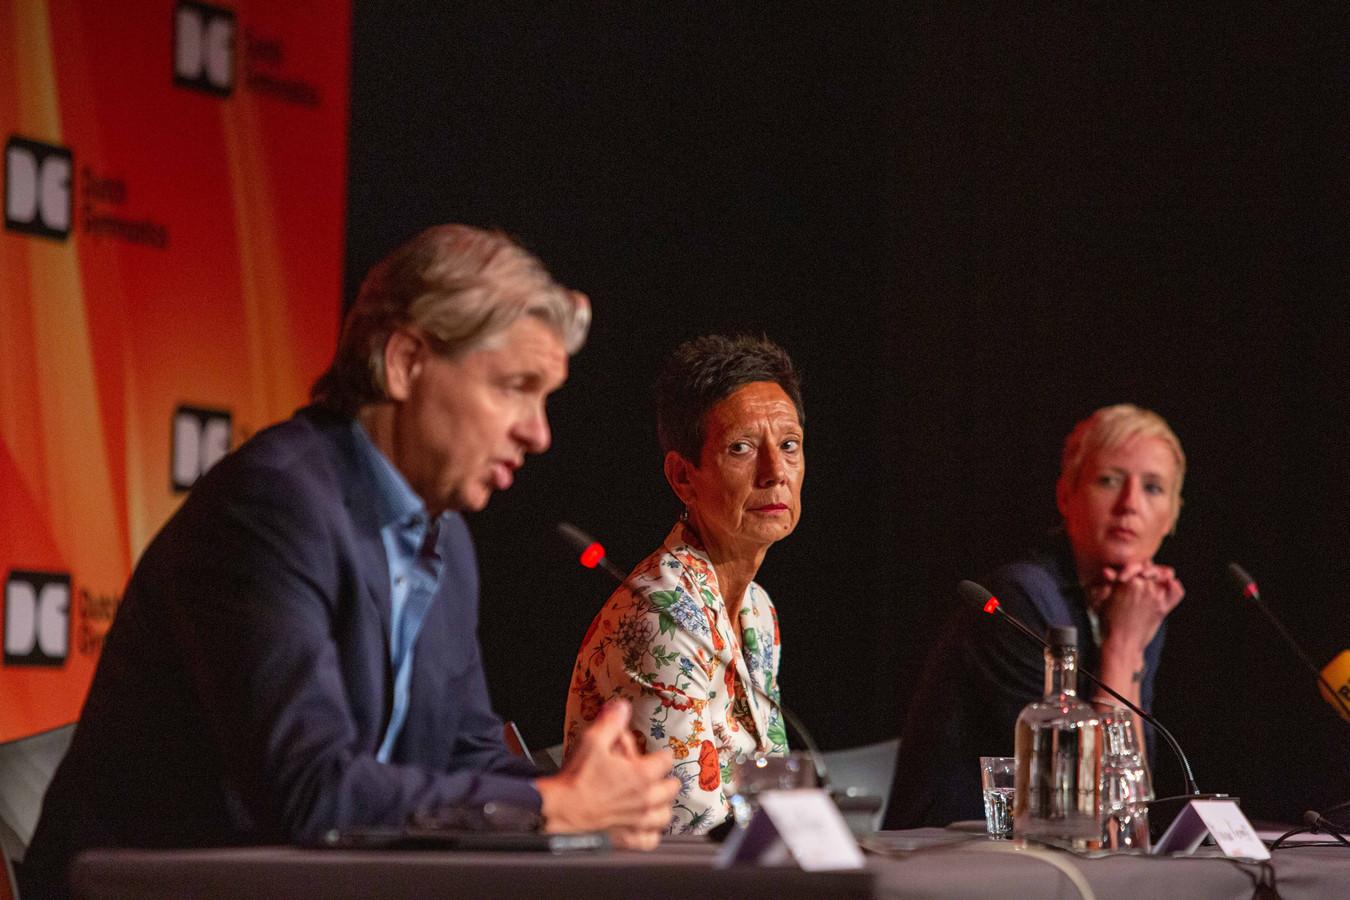 De persconferentie op Papendal met Mark Meijer, Monique Kempff en Marieke van der Plas van de KNGU.